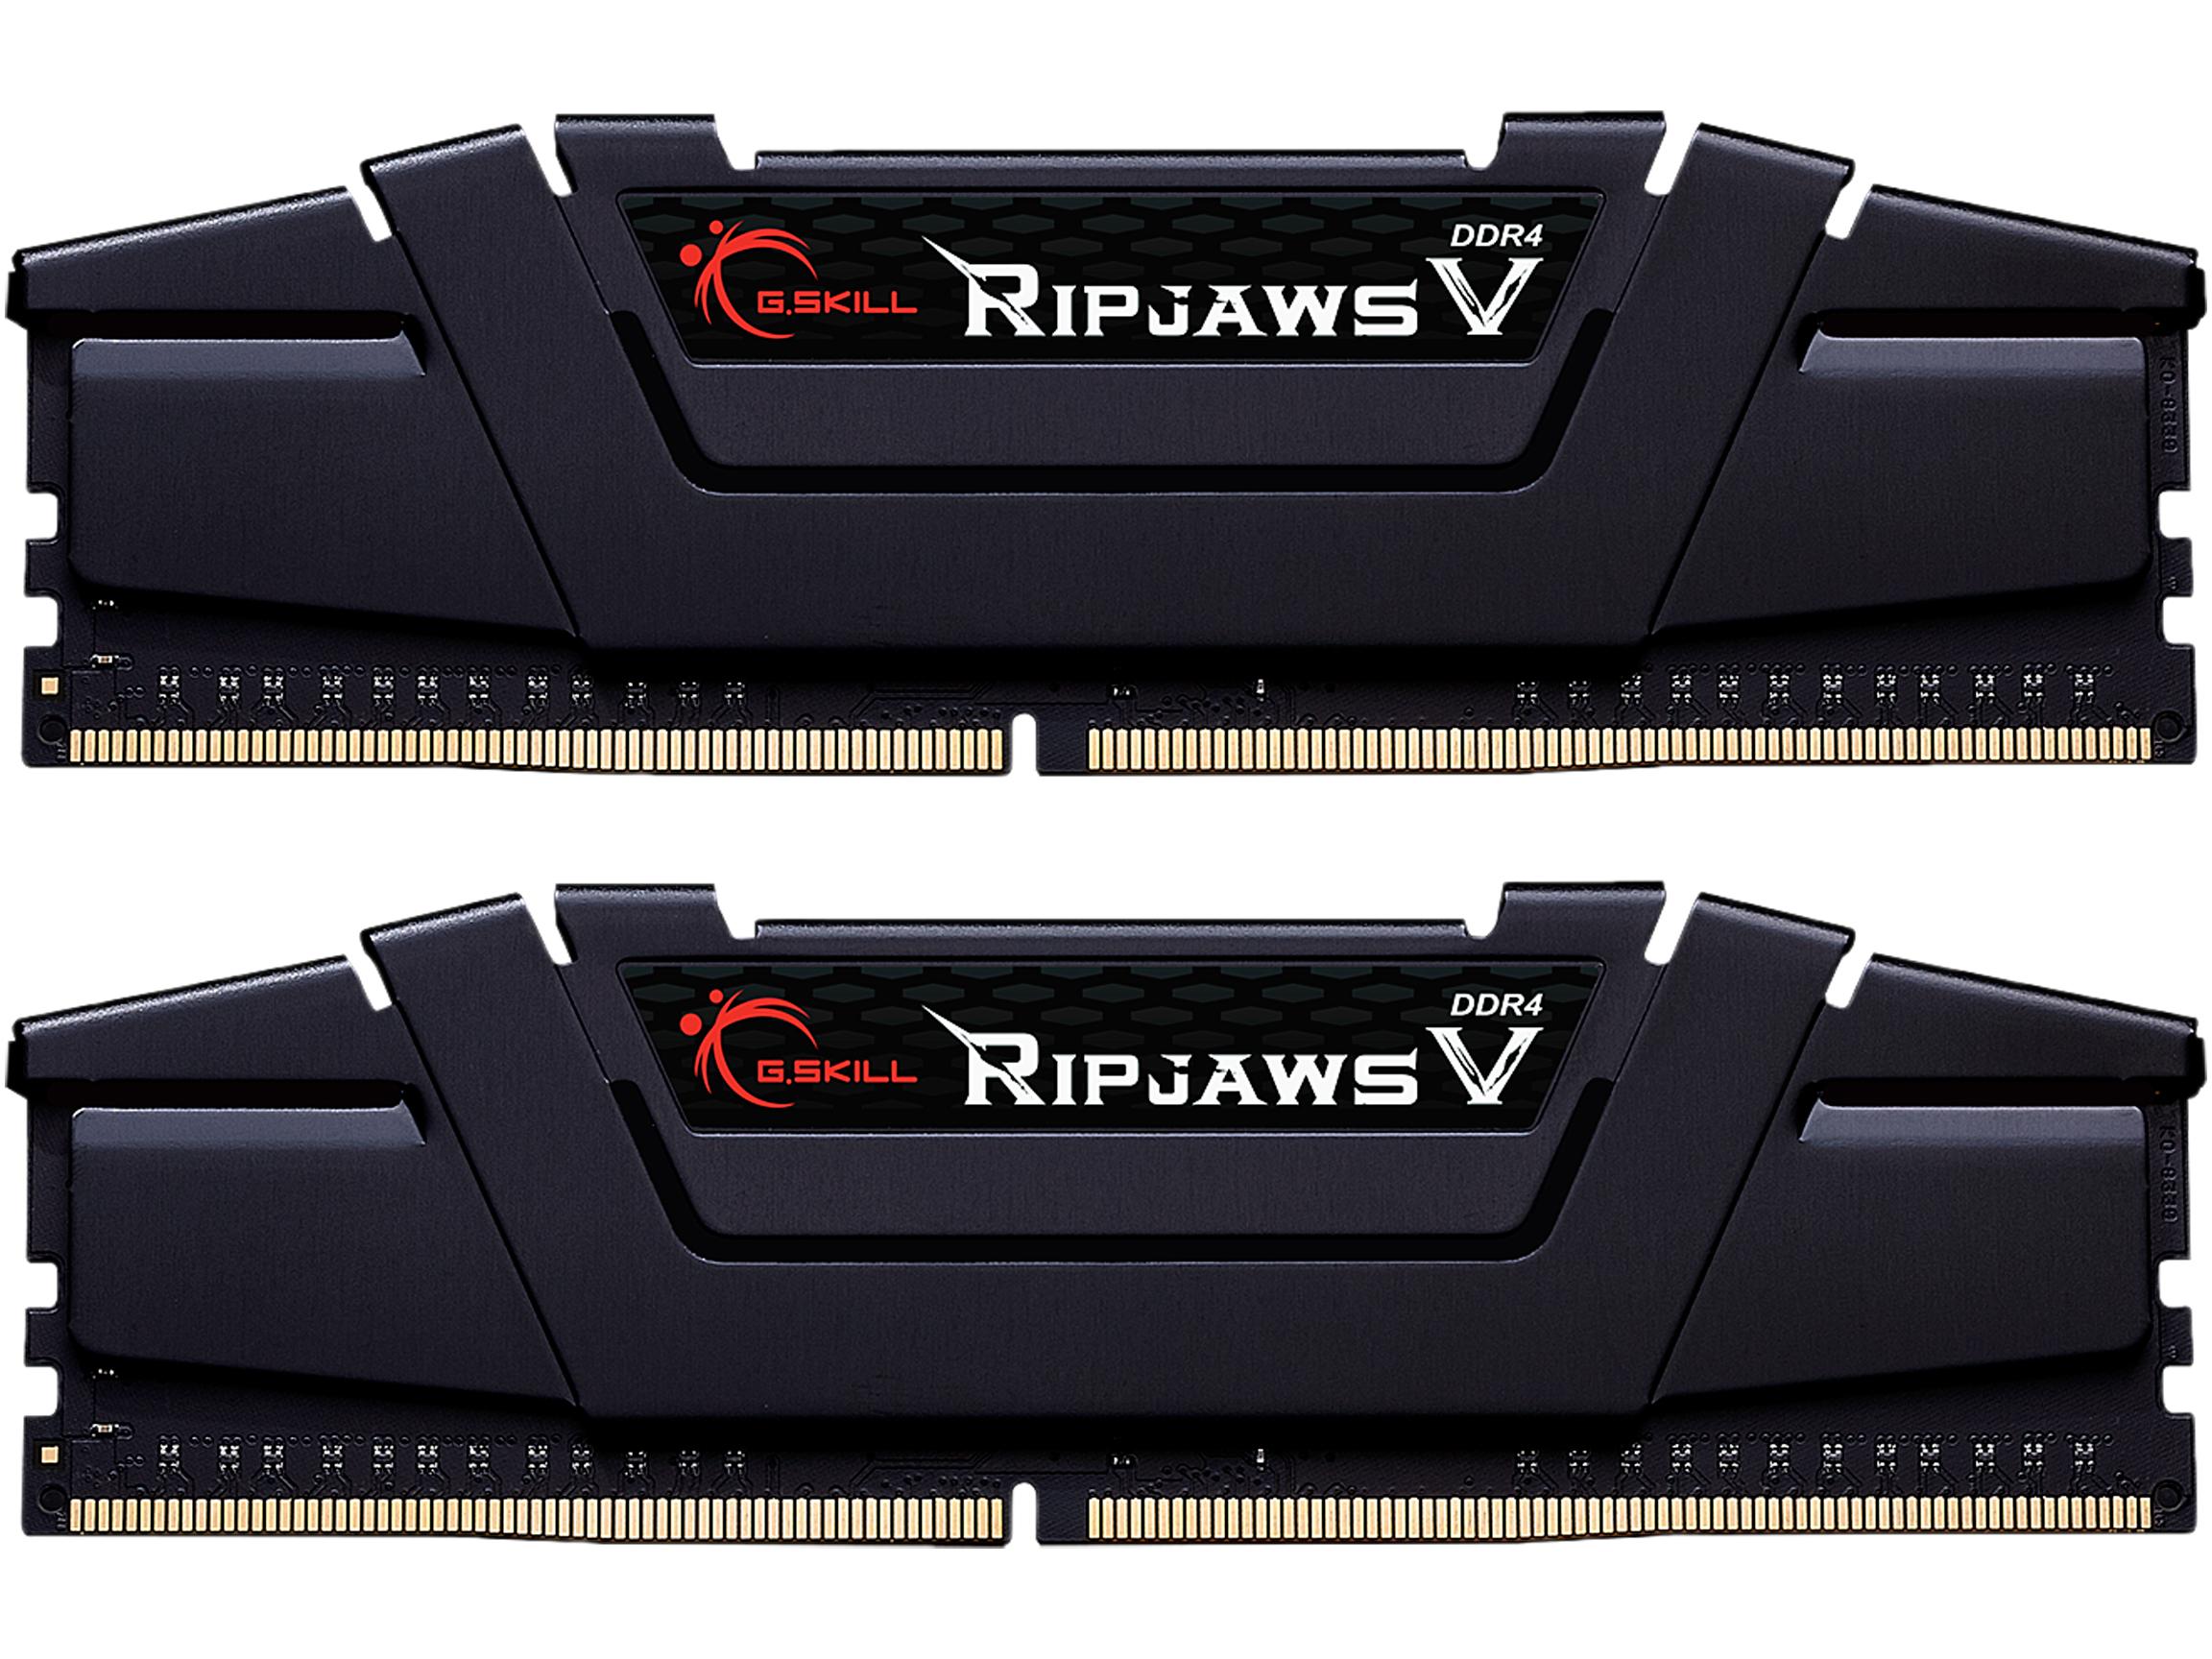 G.SKILL Ripjaws V Series 32GB (2 x 16GB) 288-Pin DDR4 SDRAM DDR4 3600 Intel XMP 2.0 Memory F4-3600C16D-32GVKC